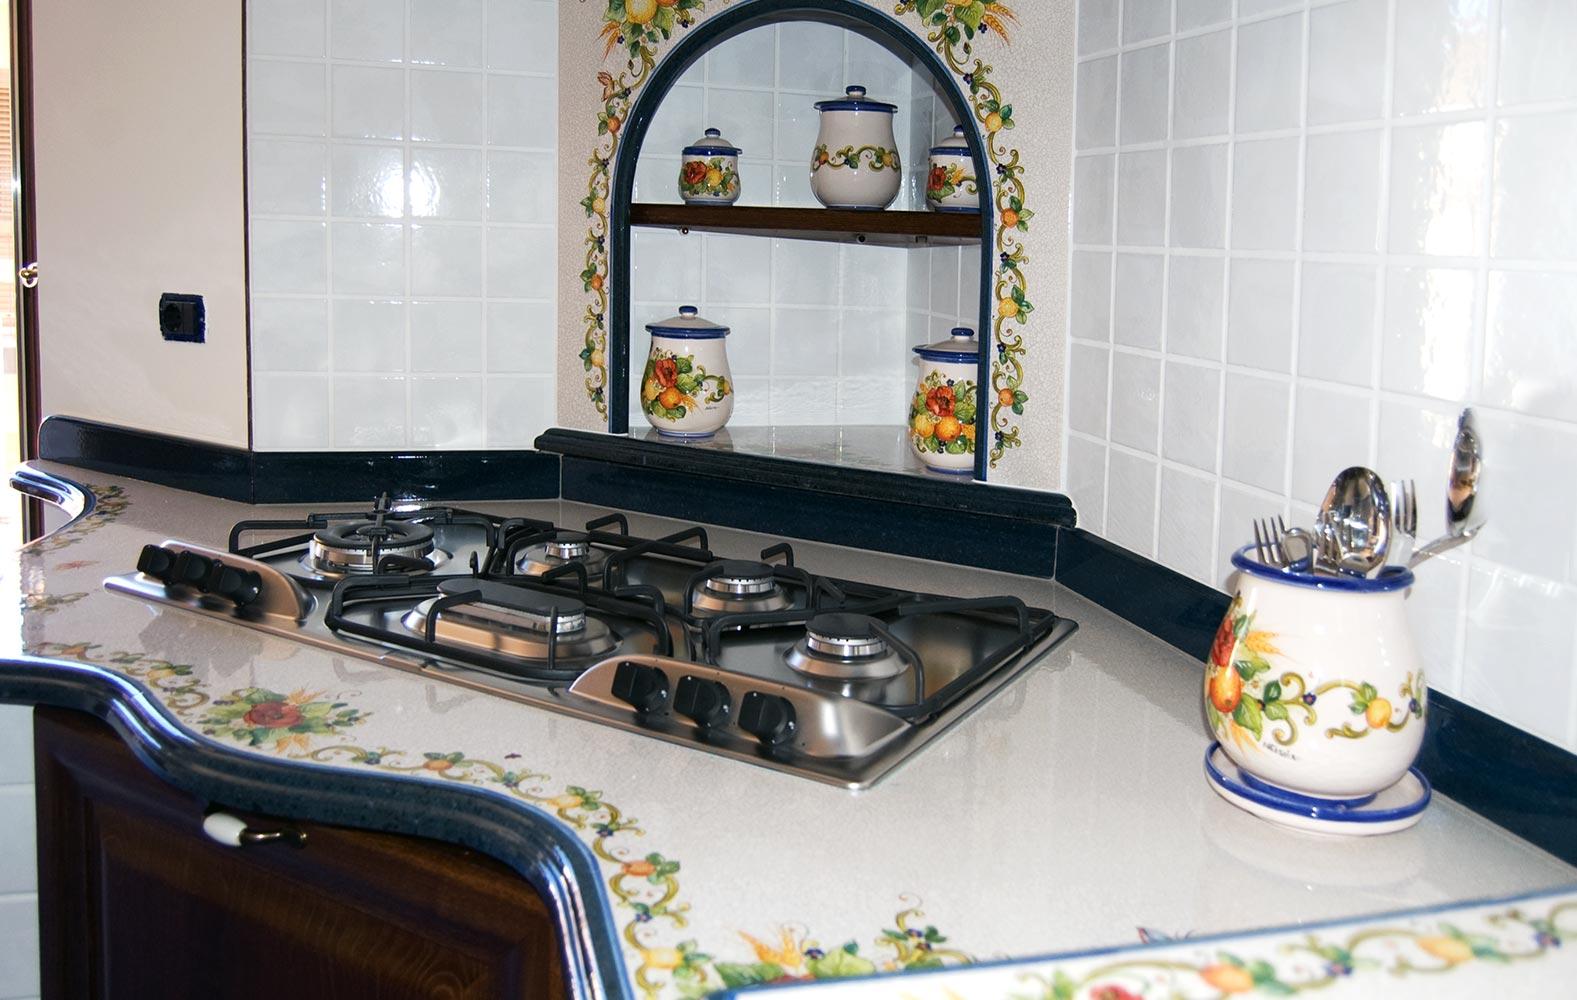 Realizziamo cucine in stile caltagirone decorate a mano